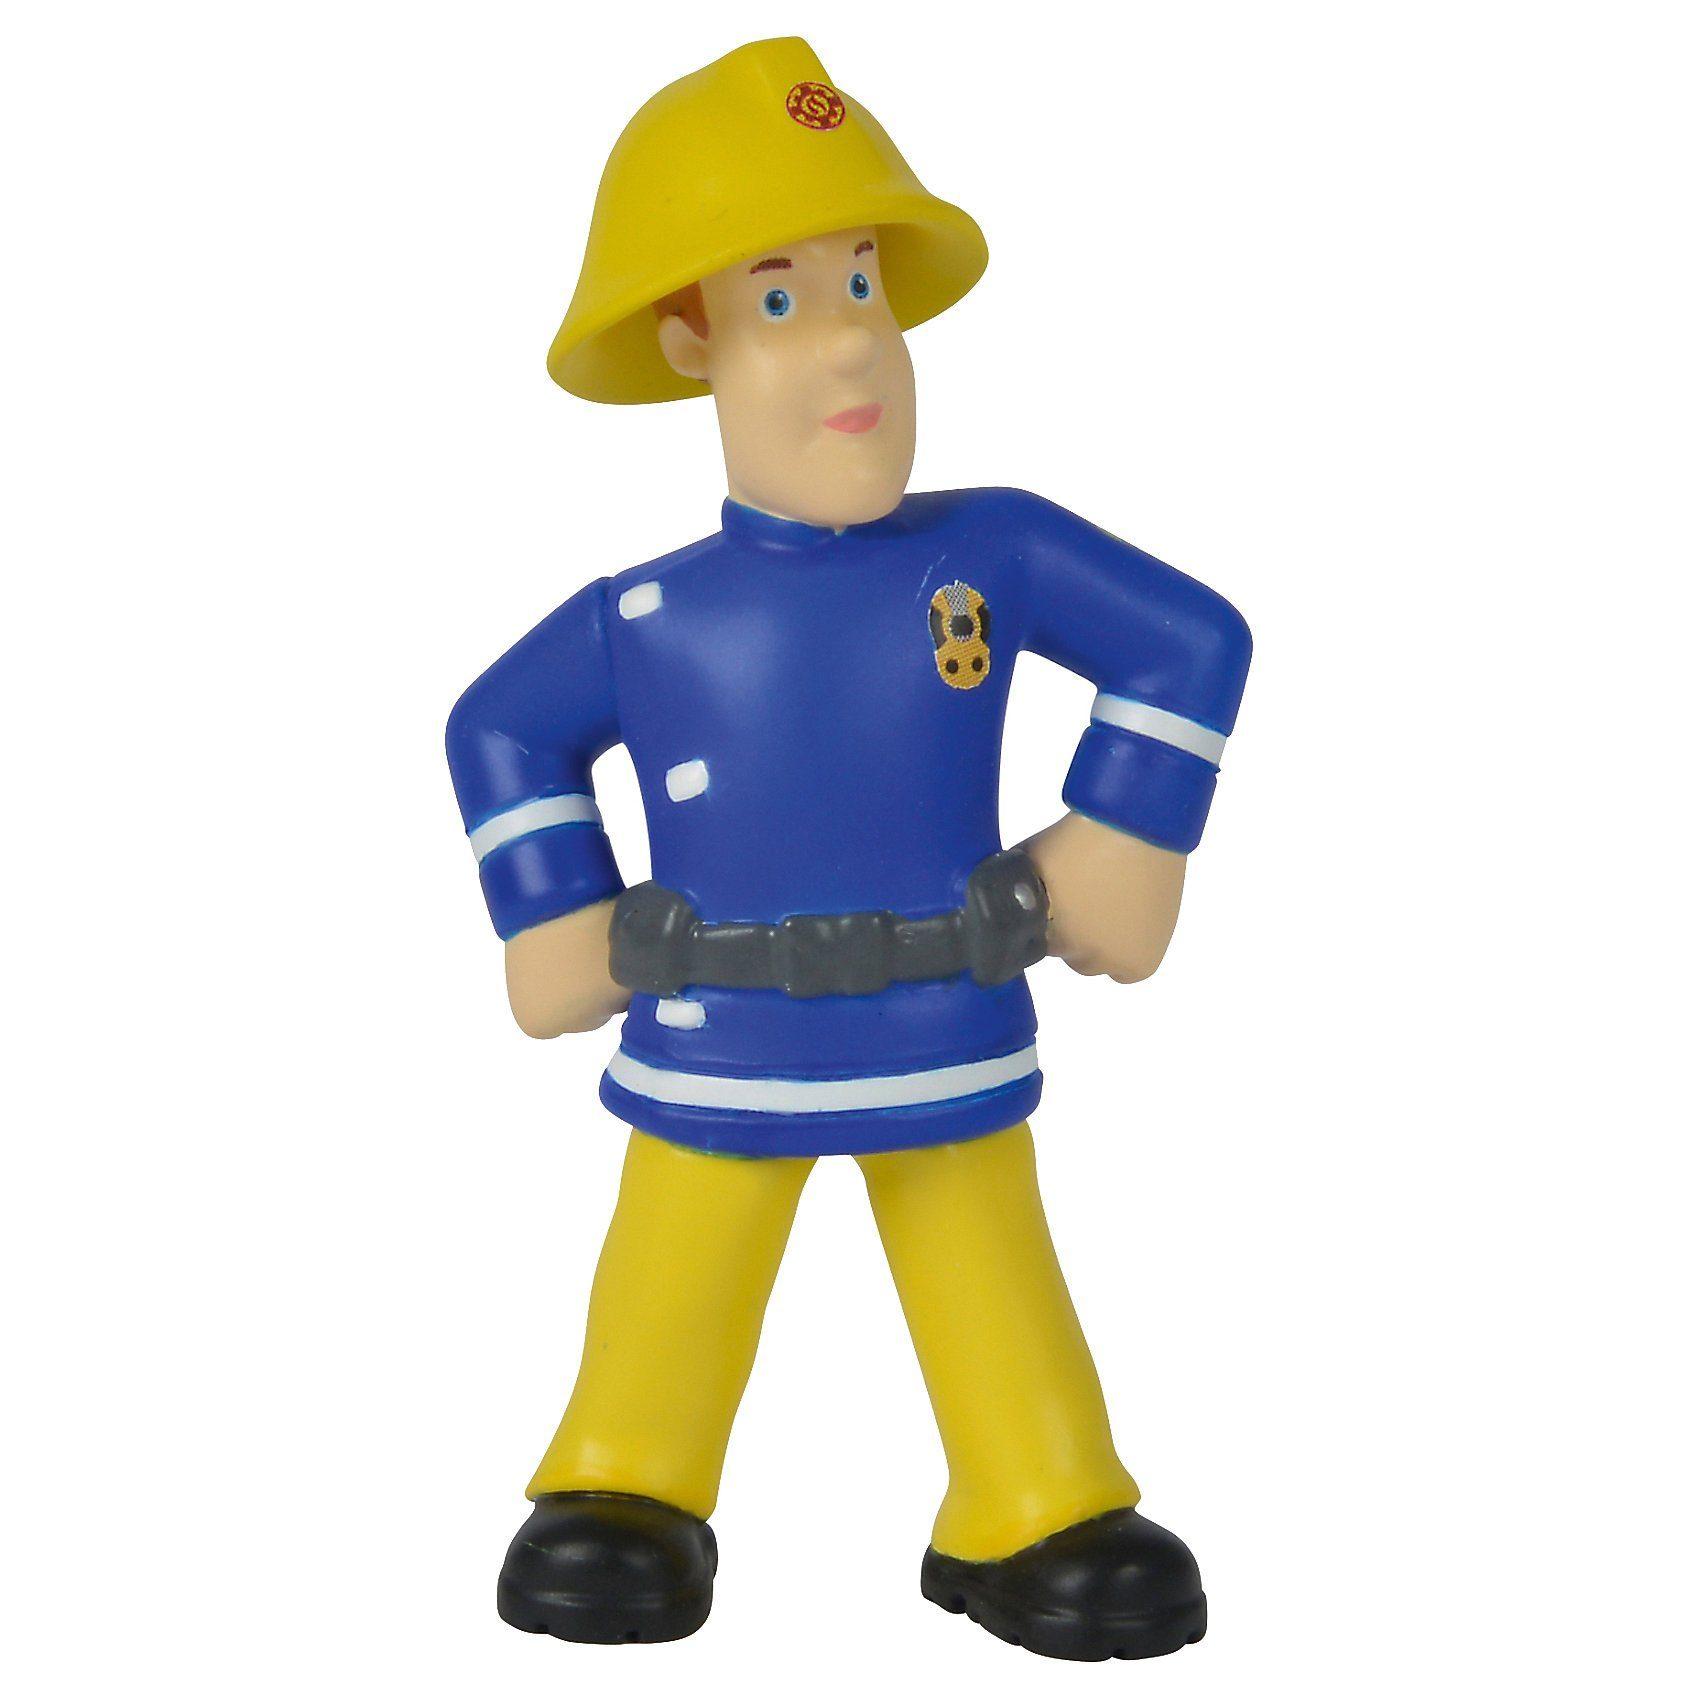 SIMBA Feuerwehrmann Sam Sammelfiguren Serie 1, 12fach sortiert